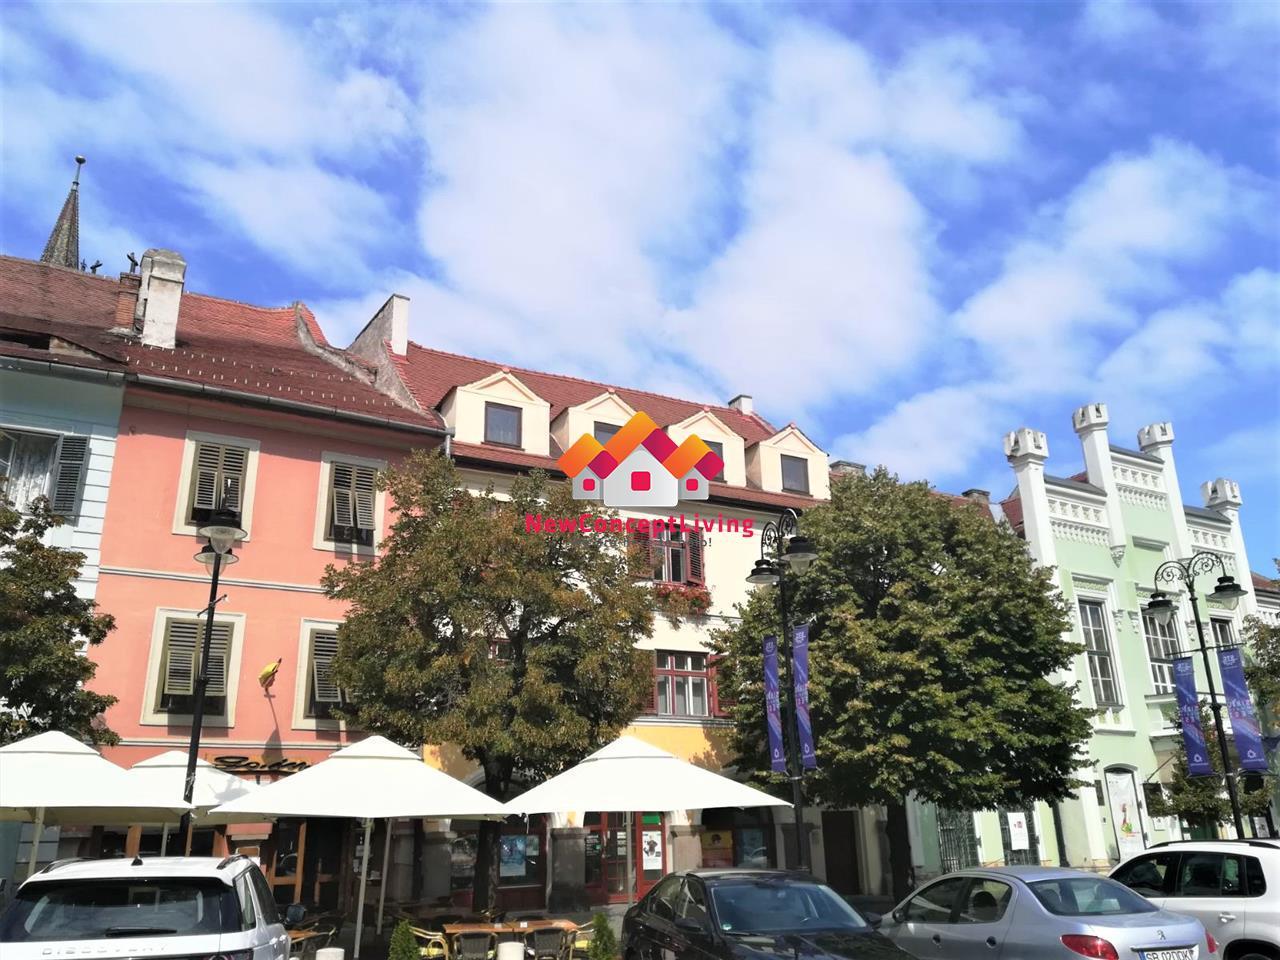 Spatiu comercial de inchiriat in Sibiu, Piata Mica - 395 mp utili